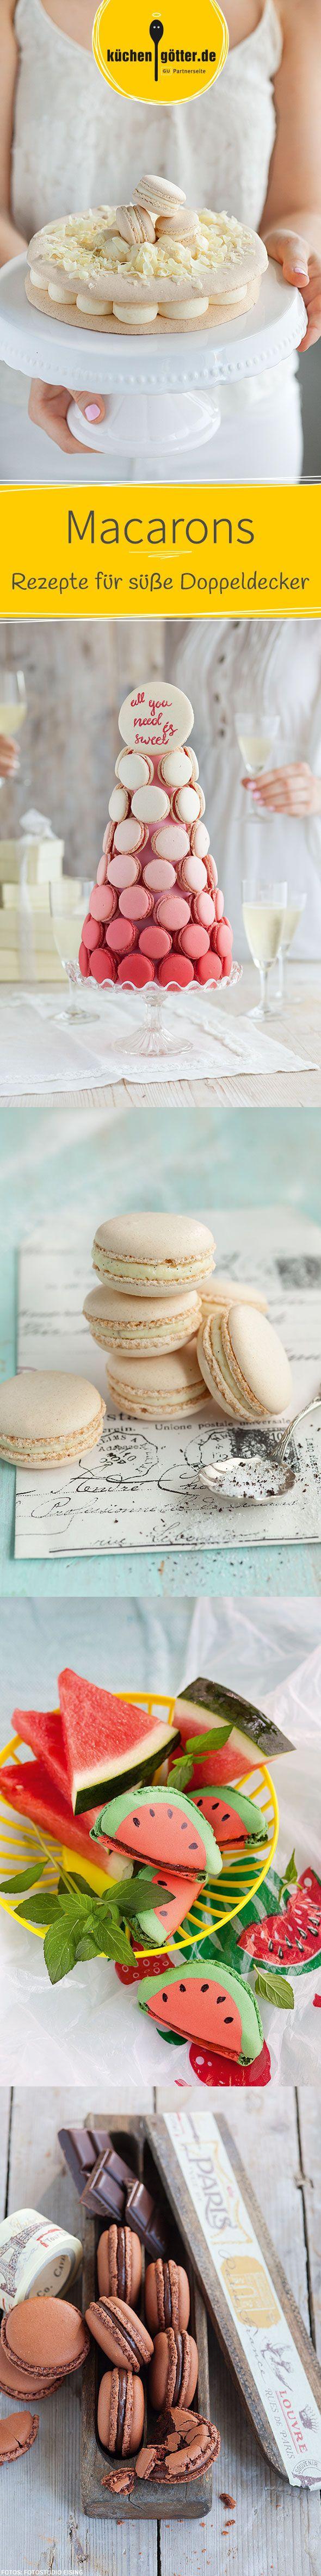 We love Macarons! Mit diesen süßen Doppeldeckern schweben wir wahrlich im 7. Himmel. Ob fruchtig, schokoladig, mit Vanille oder Nüssen. Bei unseren Macaron-Rezepten ist garantiert für jeden etwas dabei.